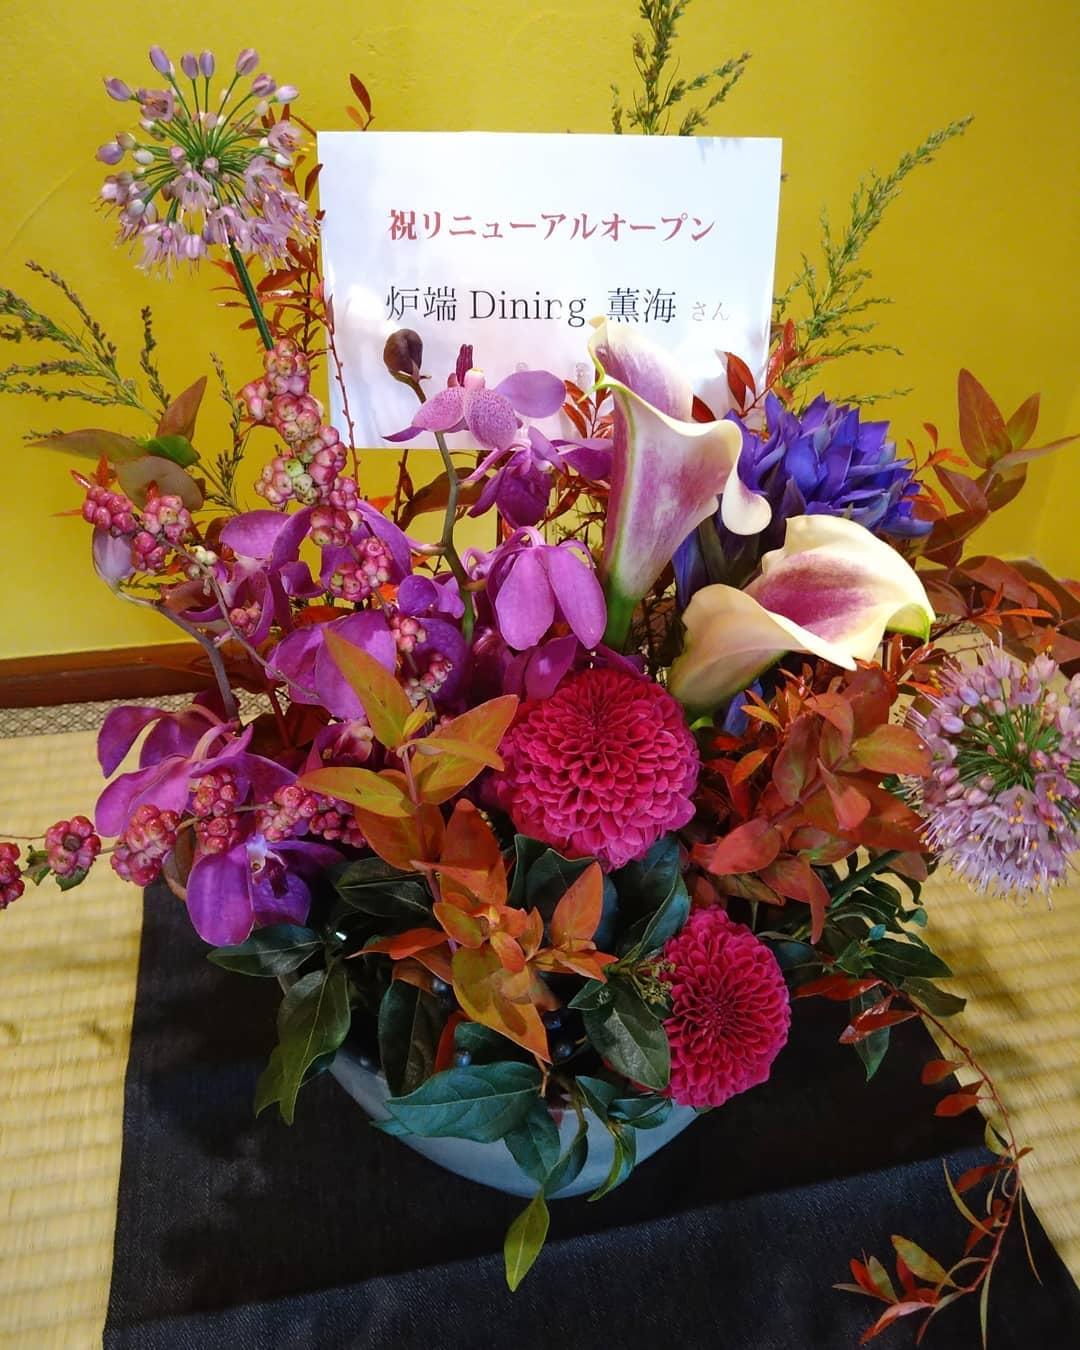 リニューアルオープンで素敵なお花を頂きました。 店内が華やかになりました。ありがとうございます。